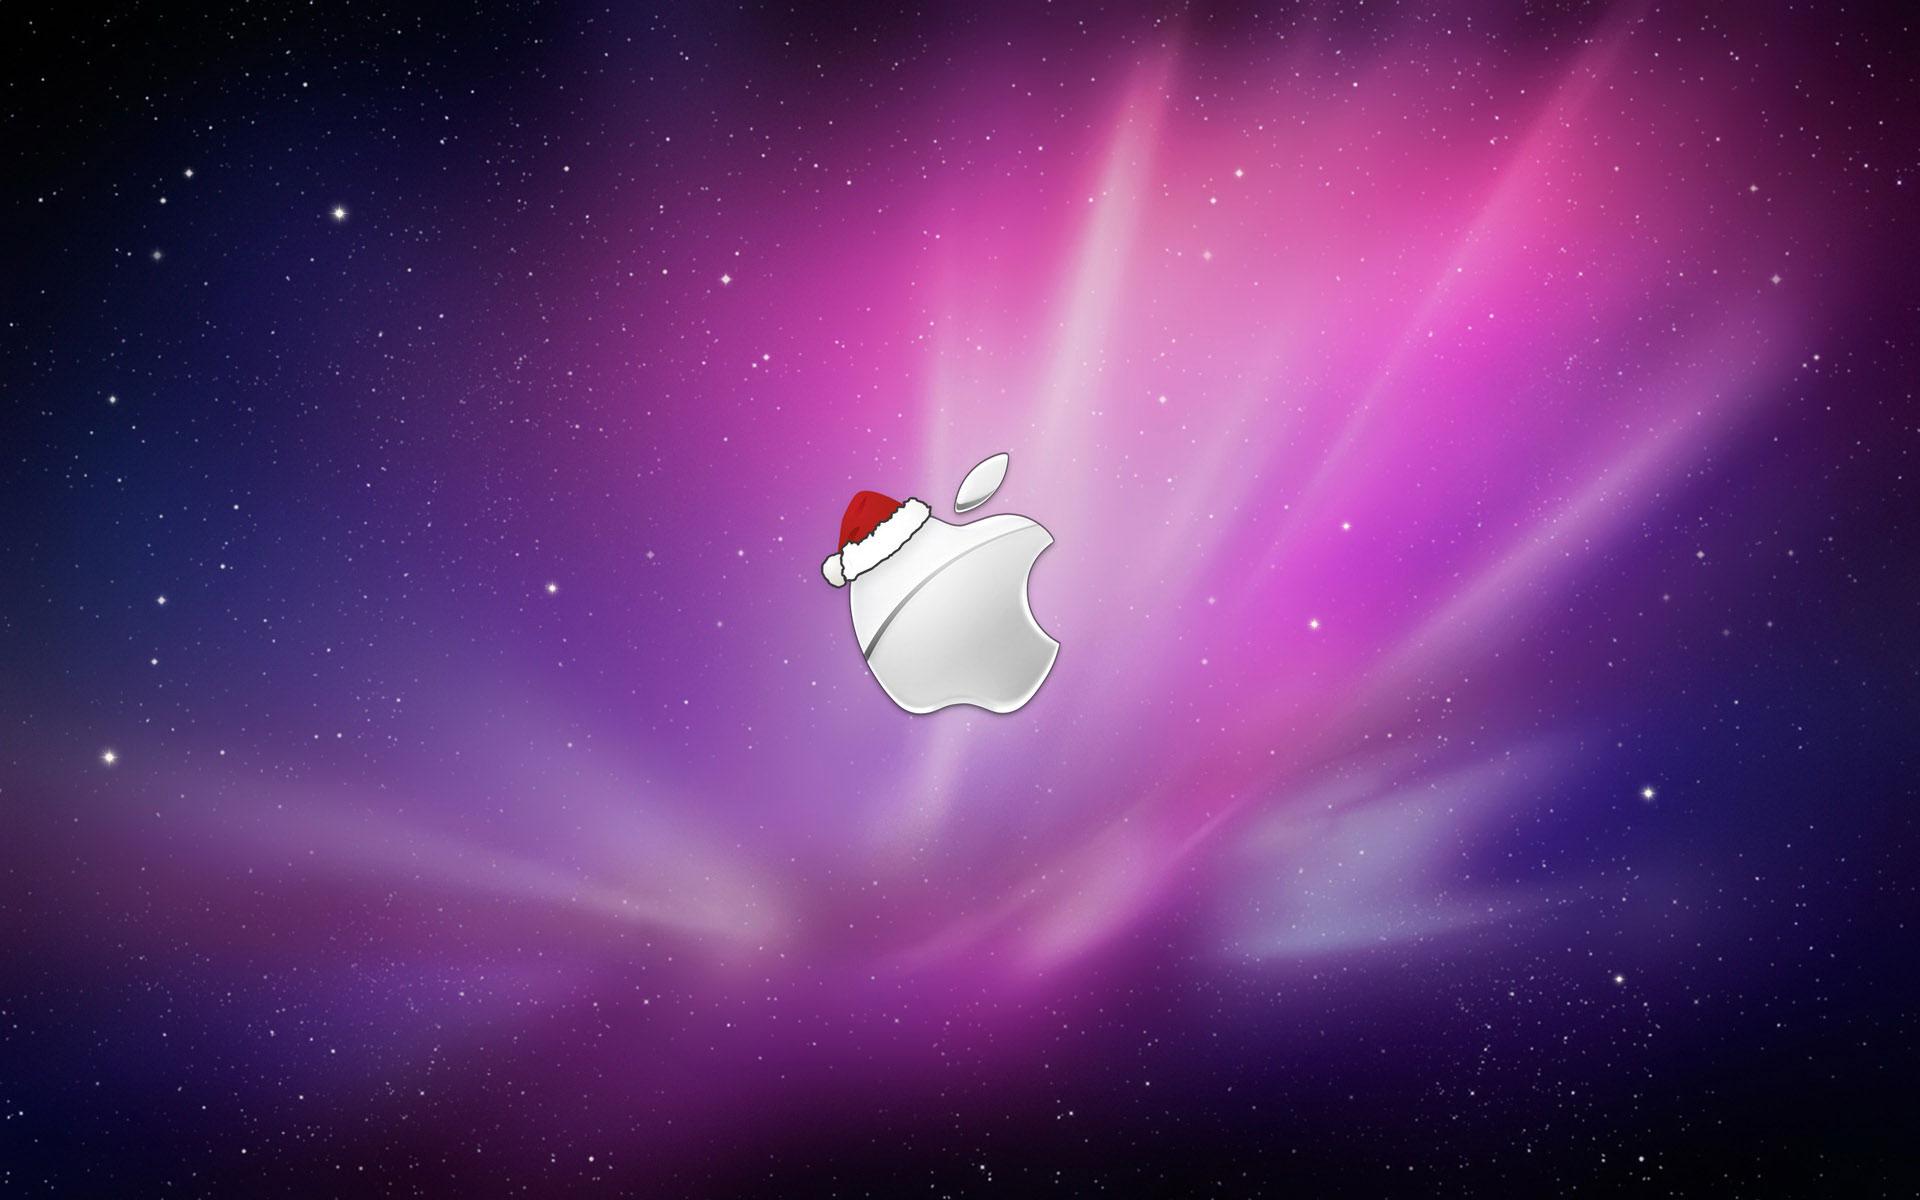 Real Madrid Desktop Wallpaper Hd Apple Wallpaper Hd Pixelstalk Net